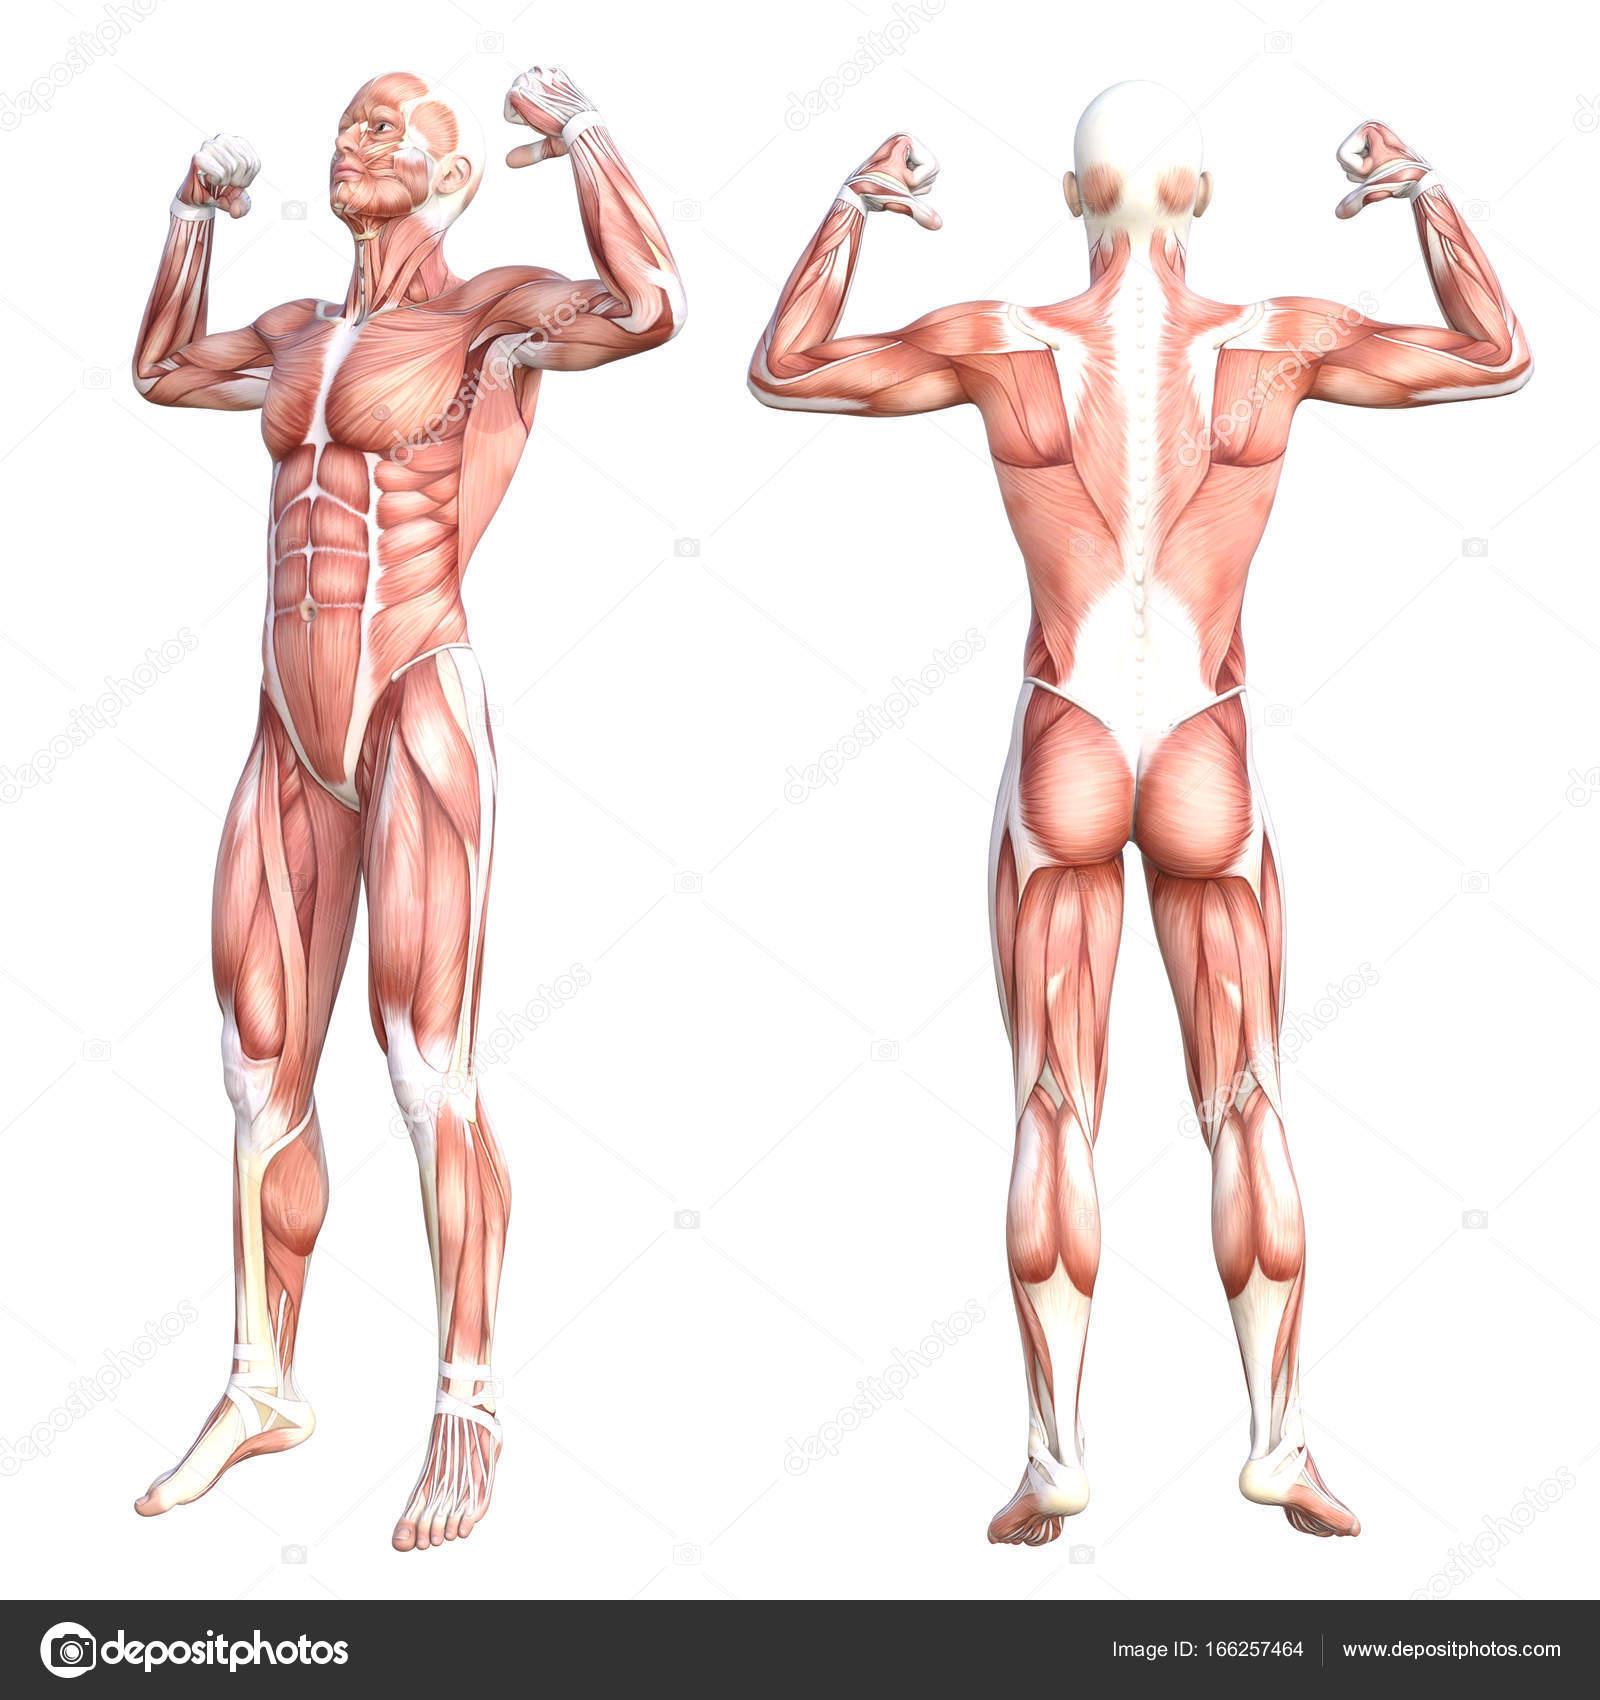 grundlegende menschliche Anatomie — Stockfoto © design36 #166257464